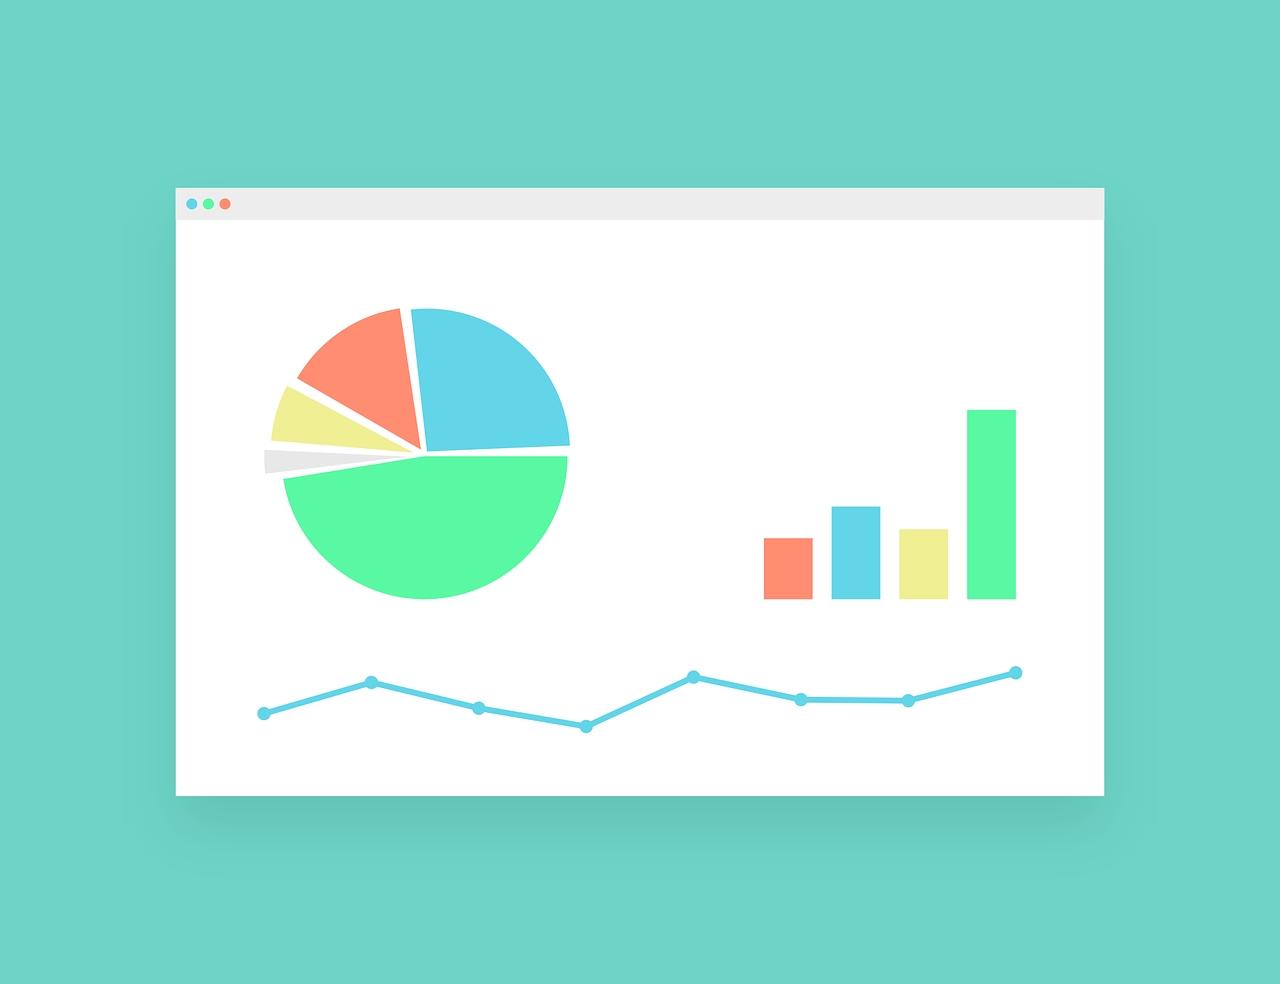 Statistiche - Grafici (Immagine Pixabay) Imc